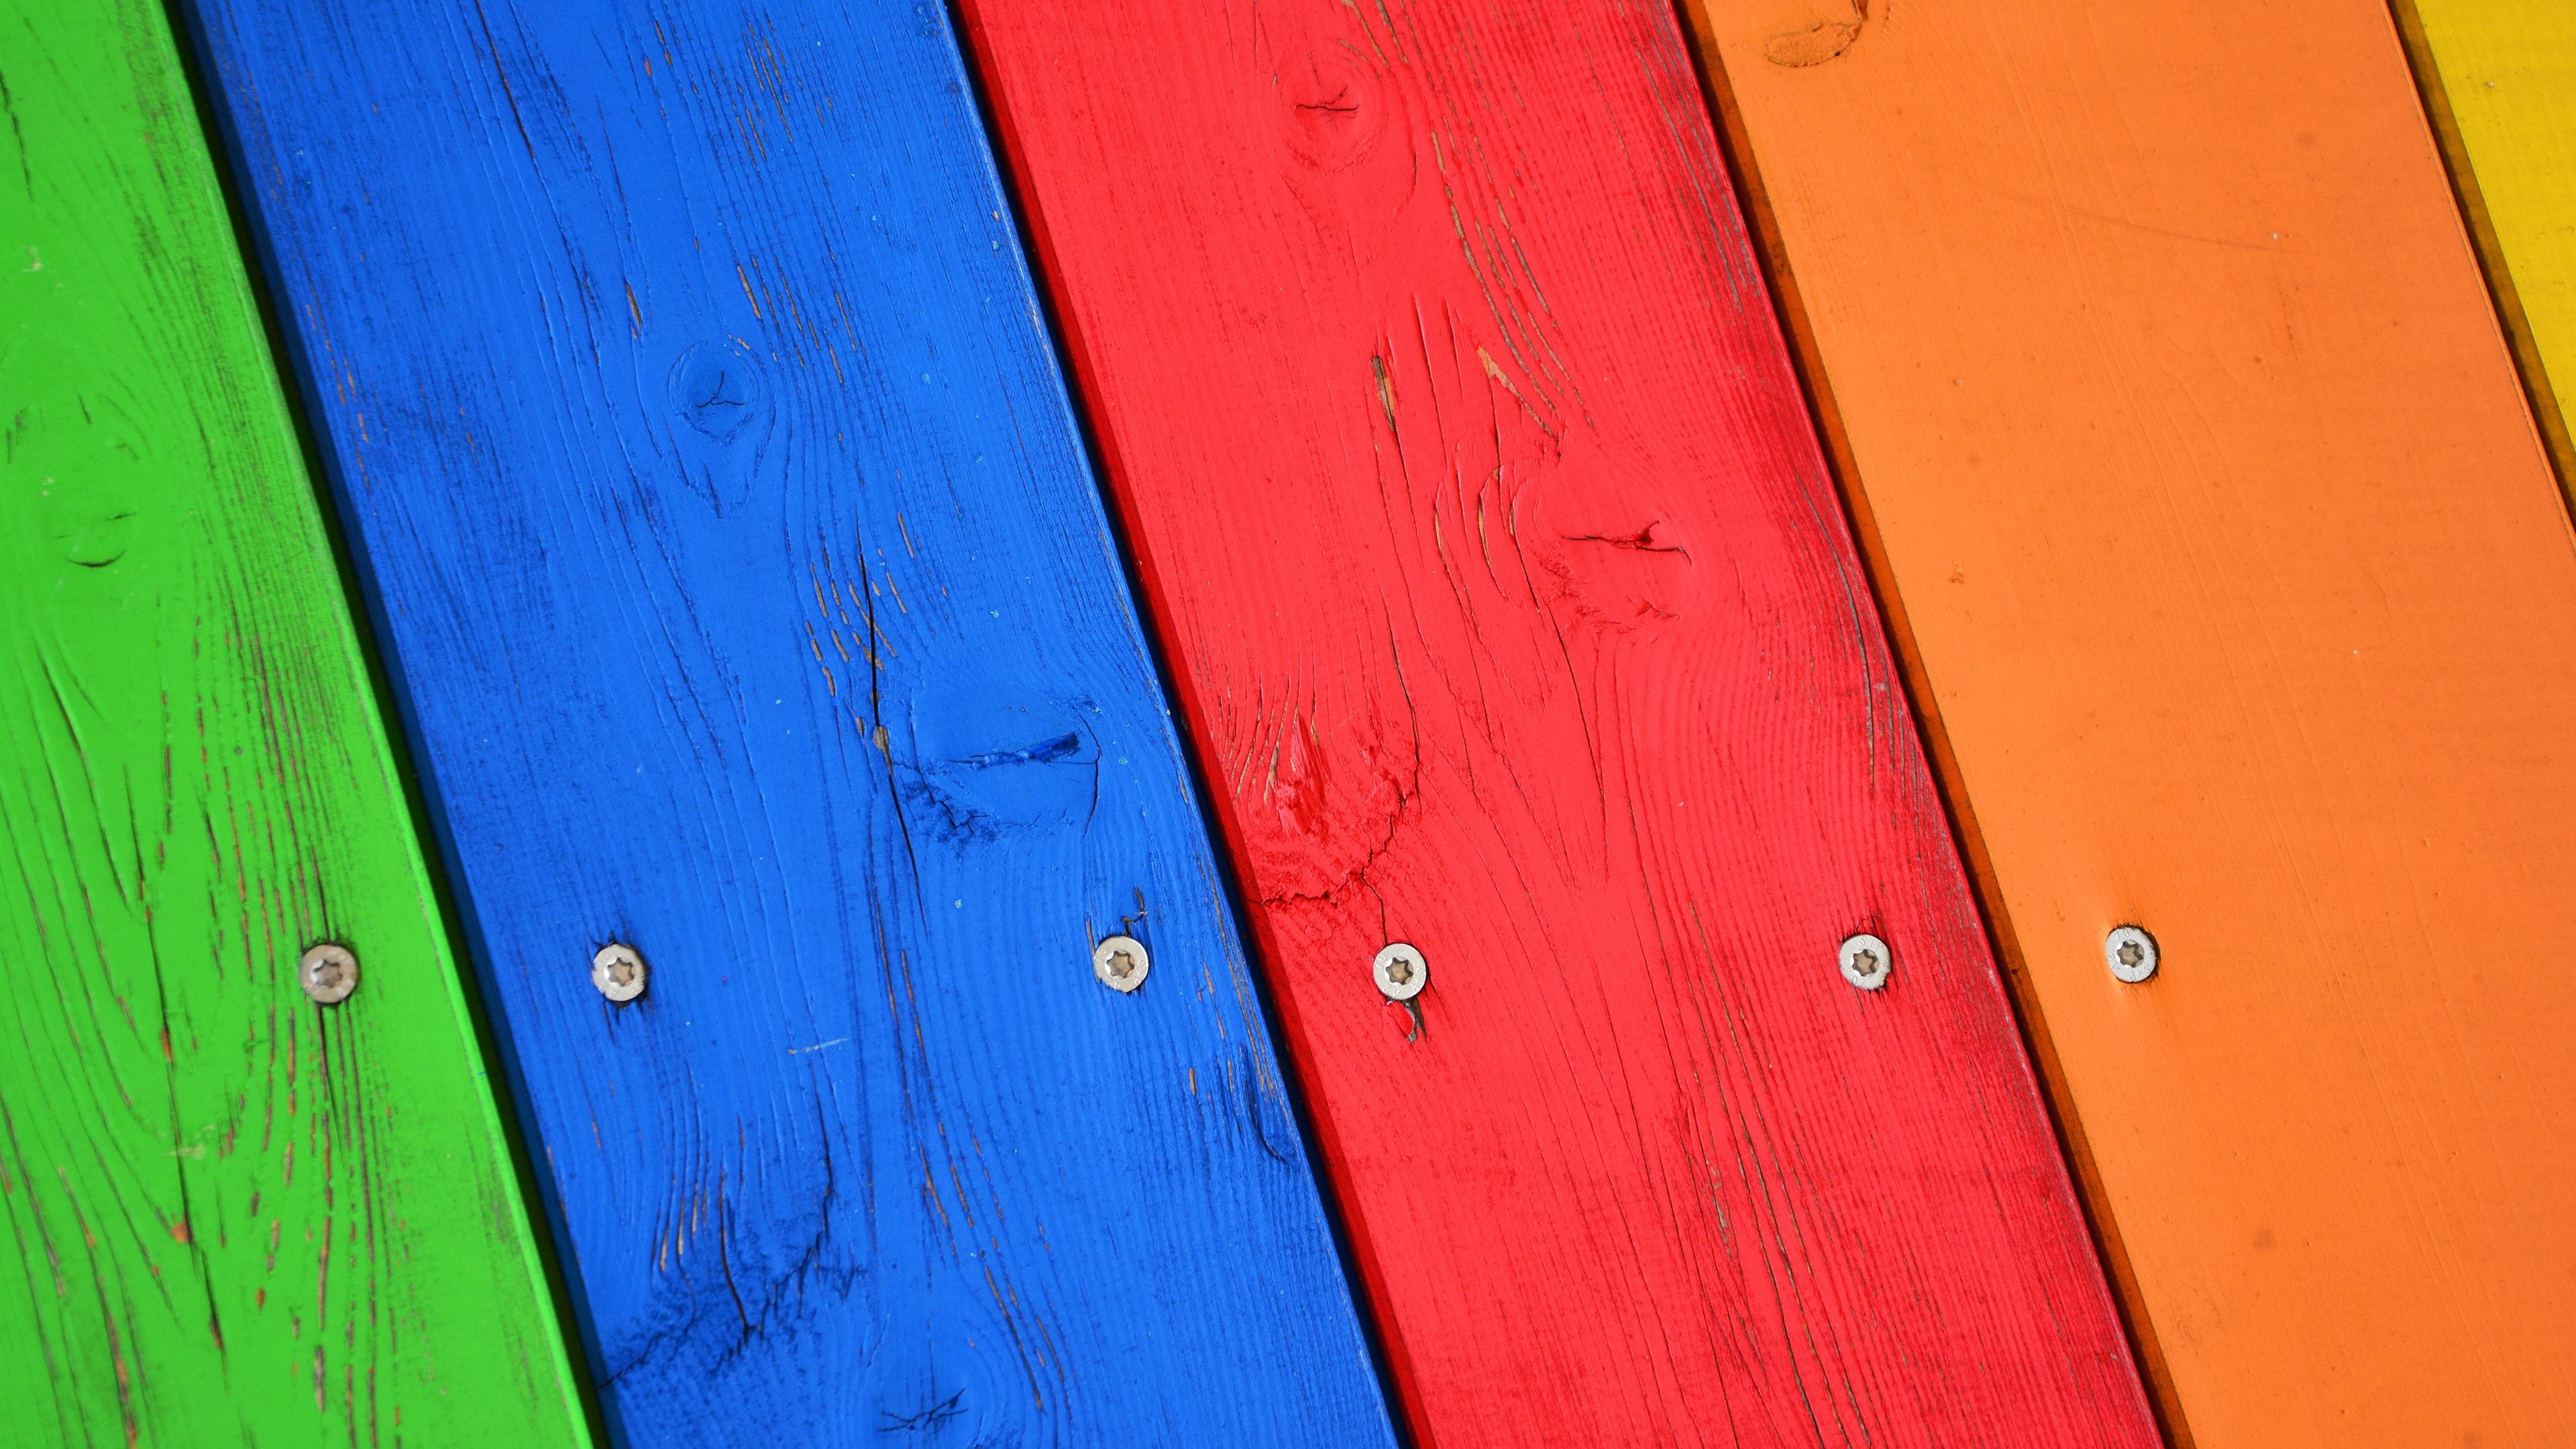 Fondos De Pantalla Fondo De Tablero De Madera De Colores: Fondos De Pantalla Tablero De Madera, Pintado De Colores